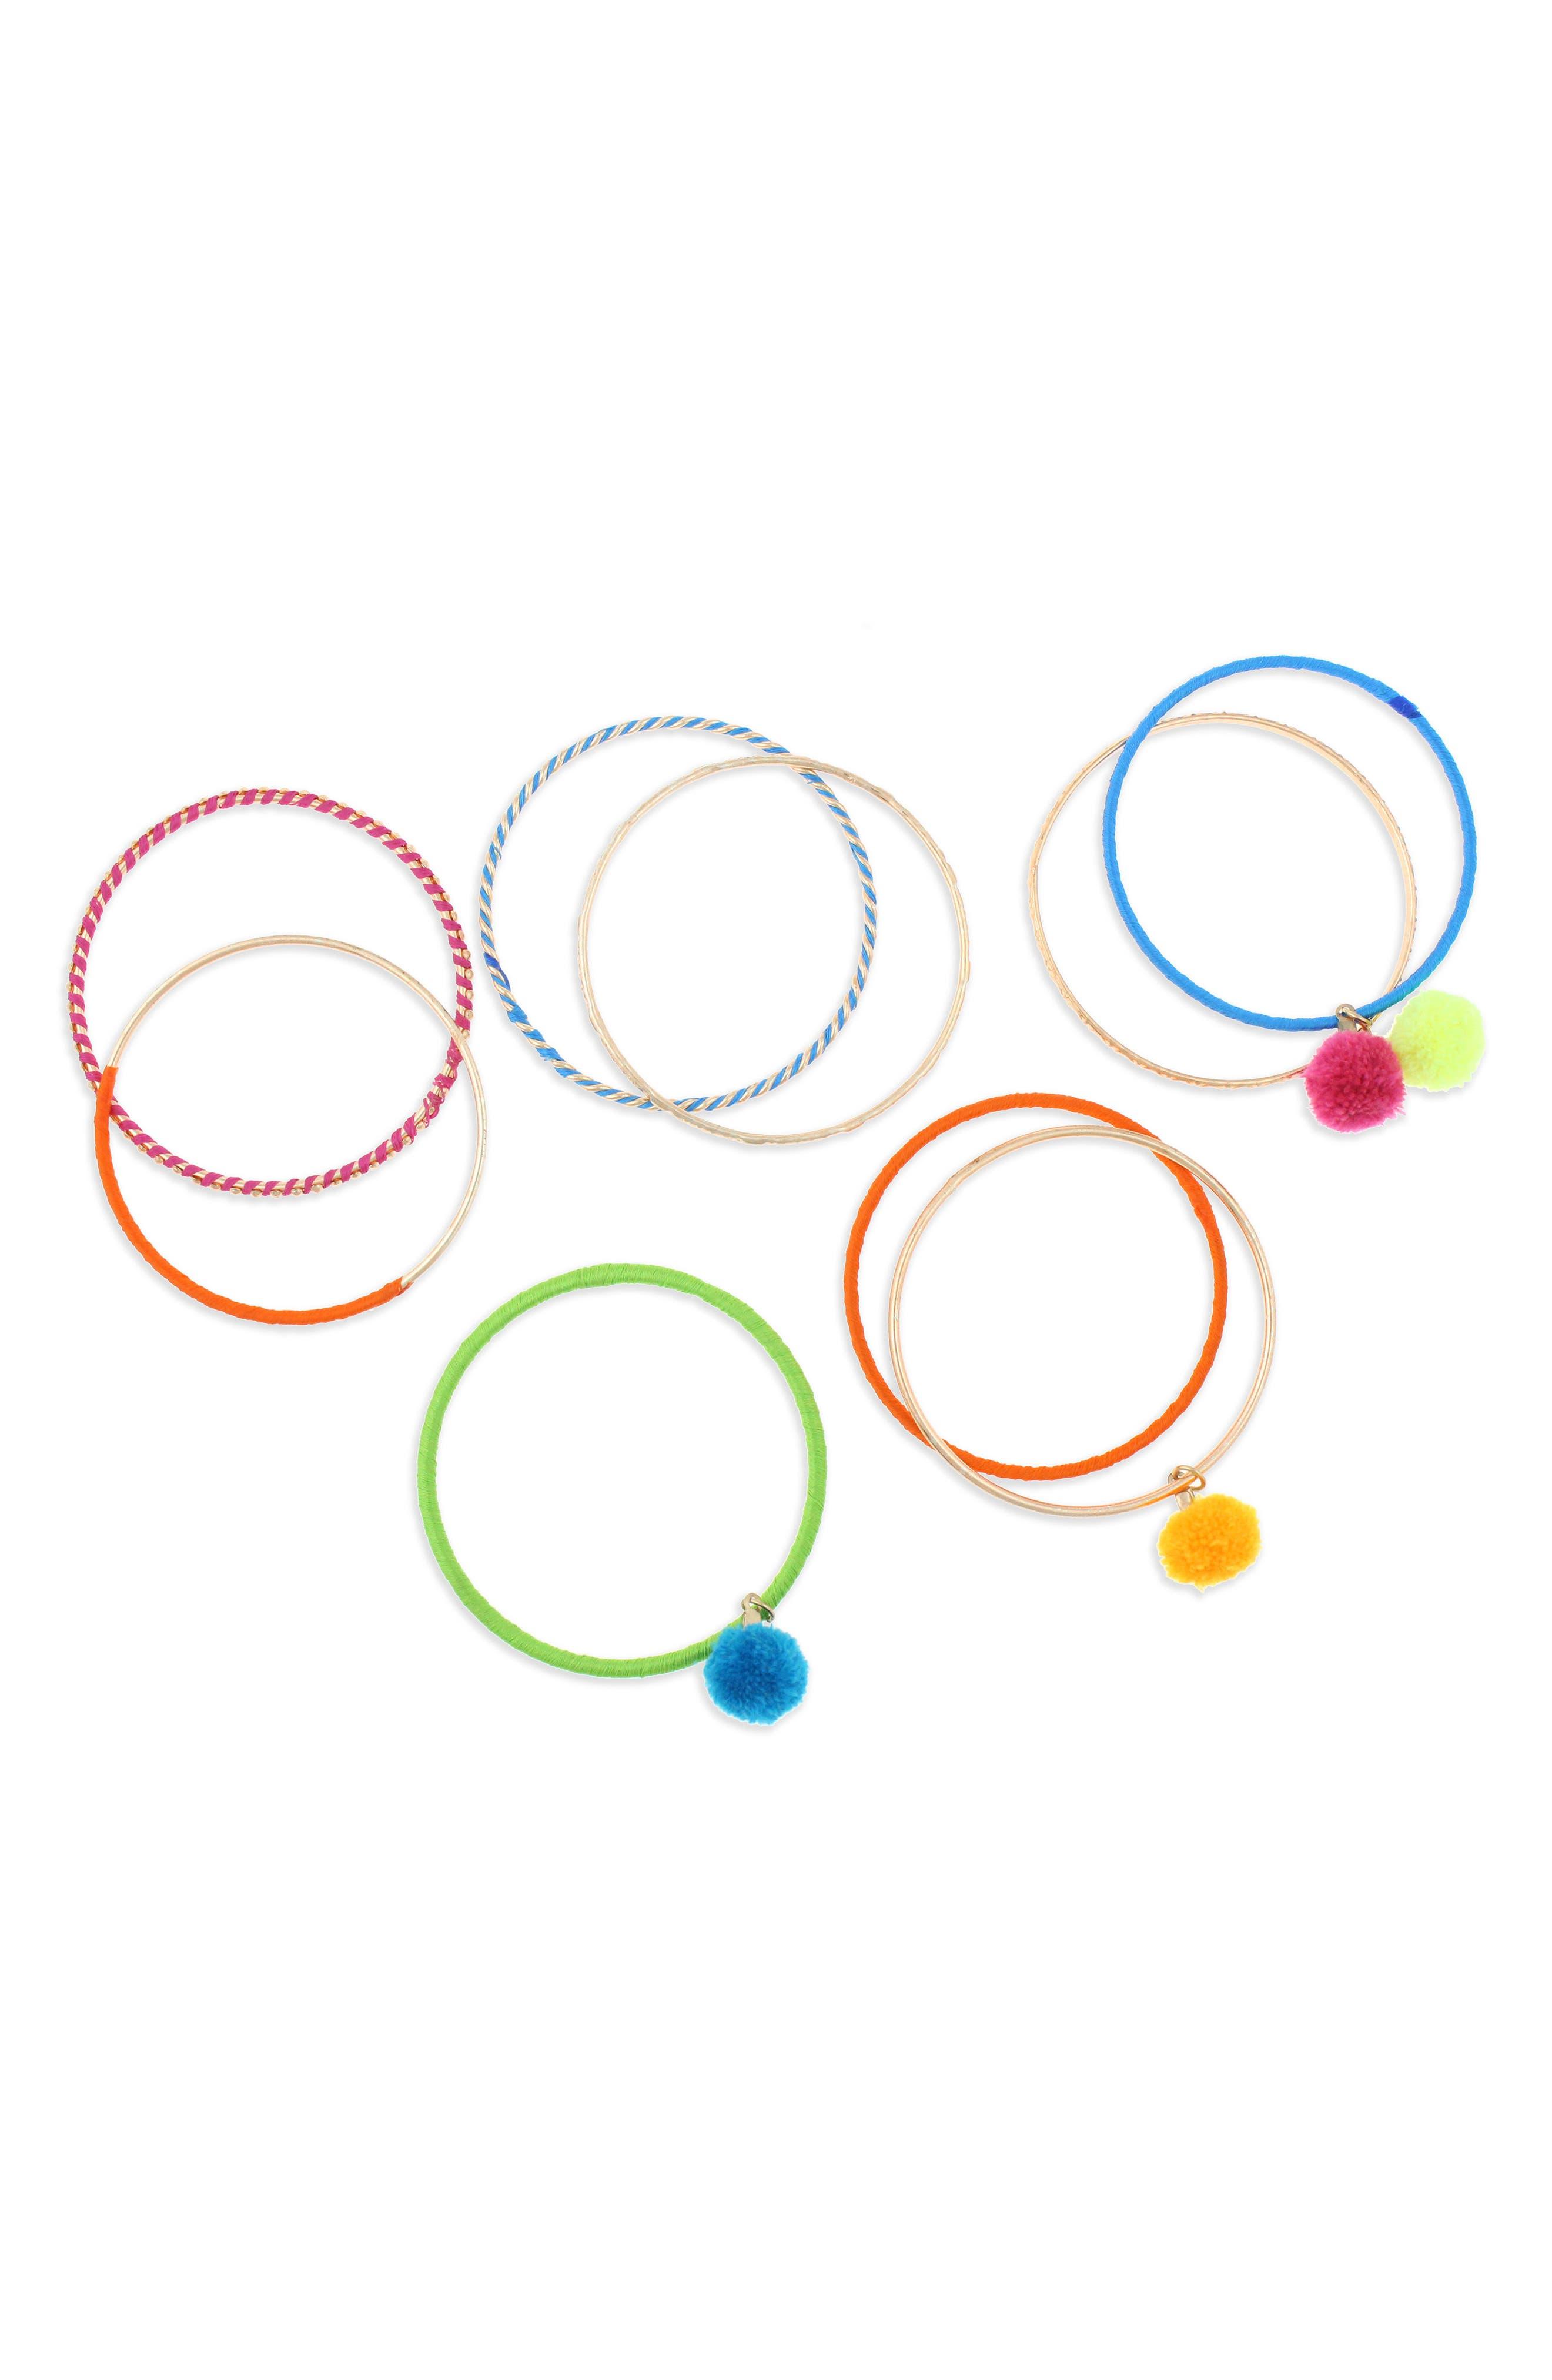 Set of 9 Bangle Bracelets,                             Alternate thumbnail 2, color,                             Metallic Multi